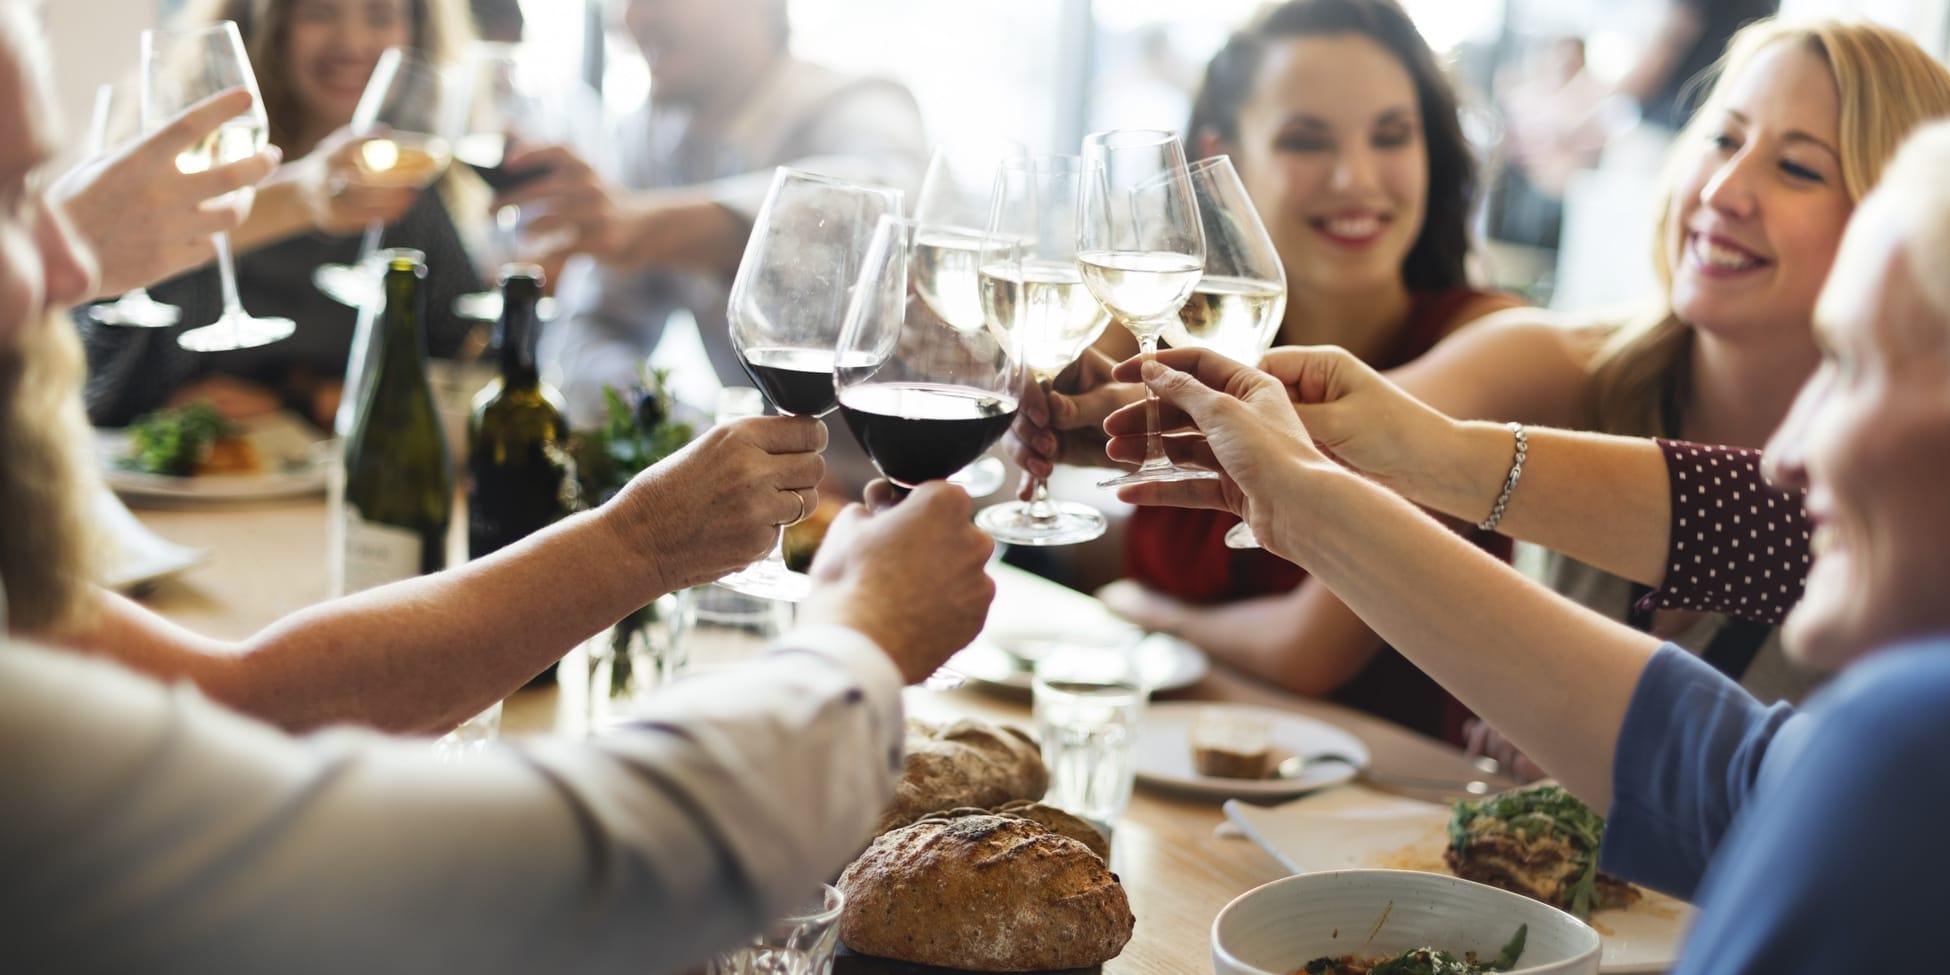 Weinflecken entfernen – 10 Tipps & Tricks